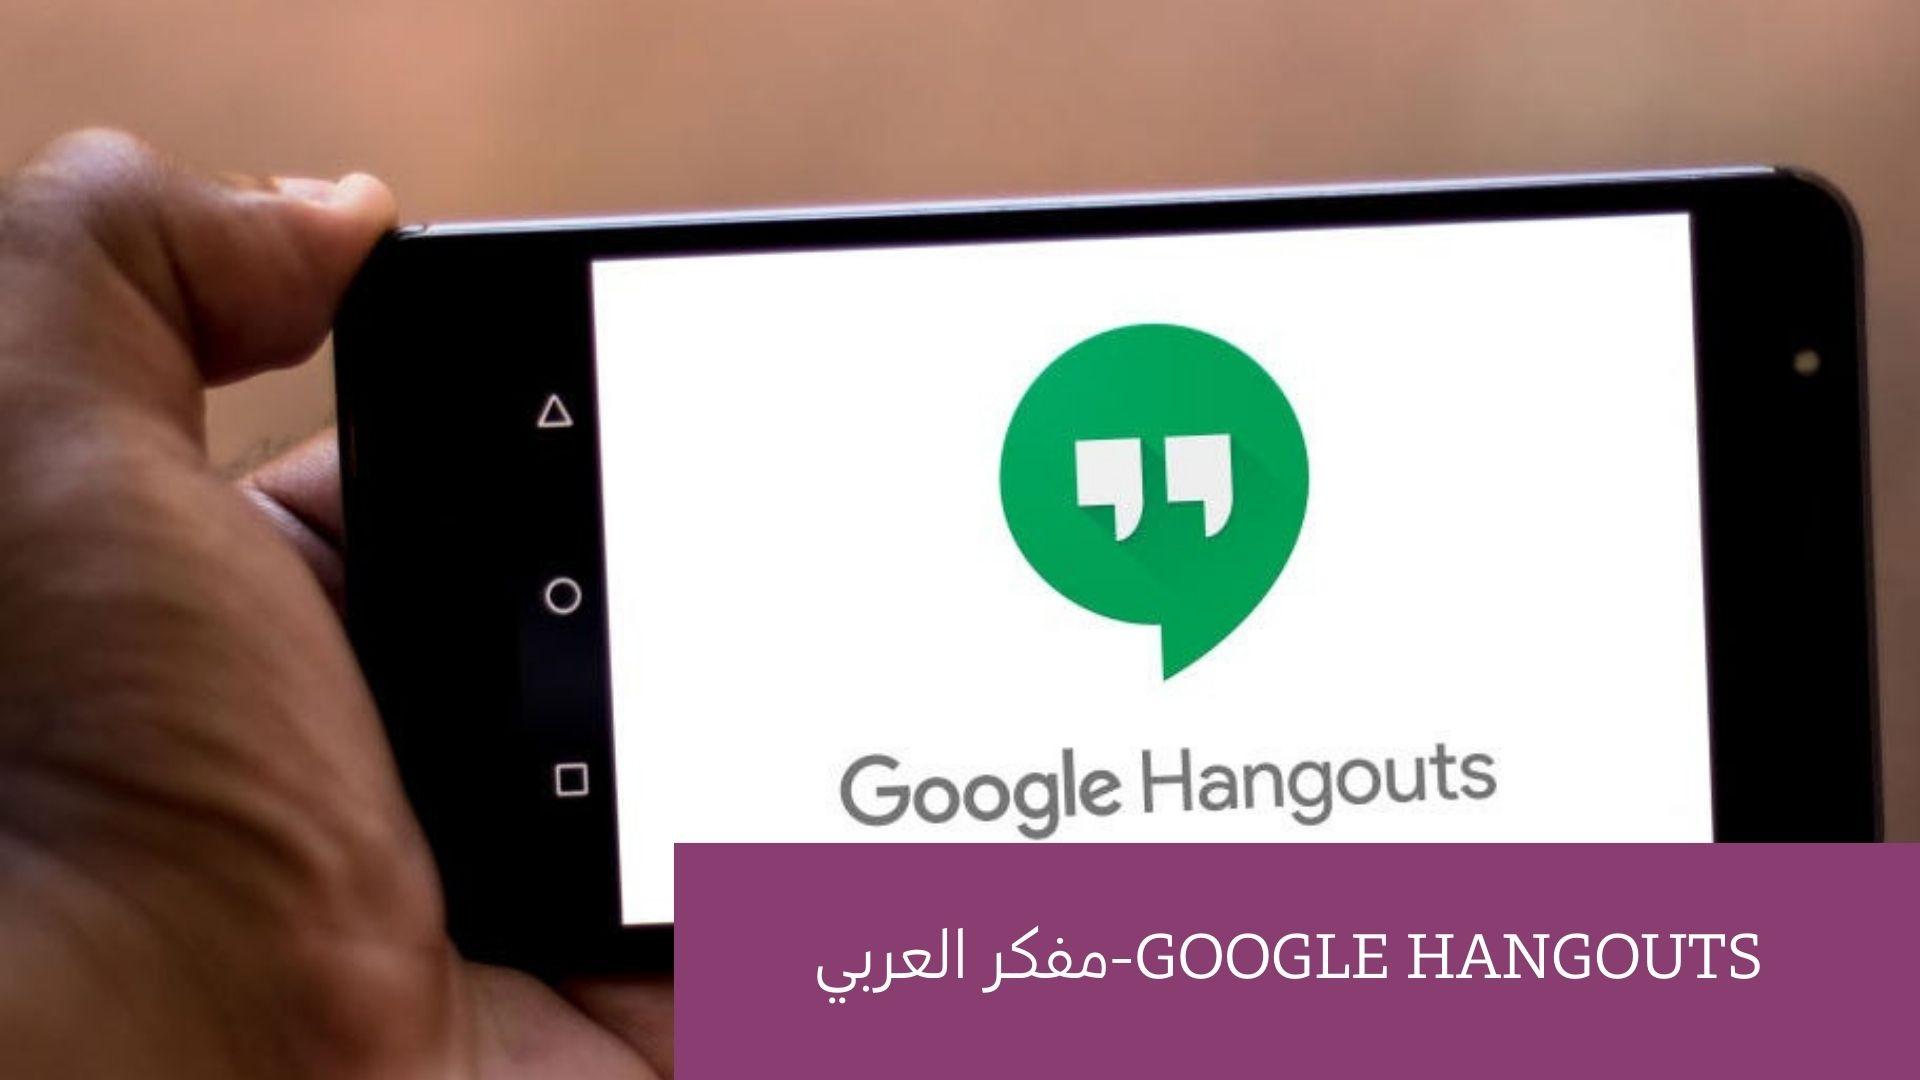 البرنامج الثالث : Google Hangouts